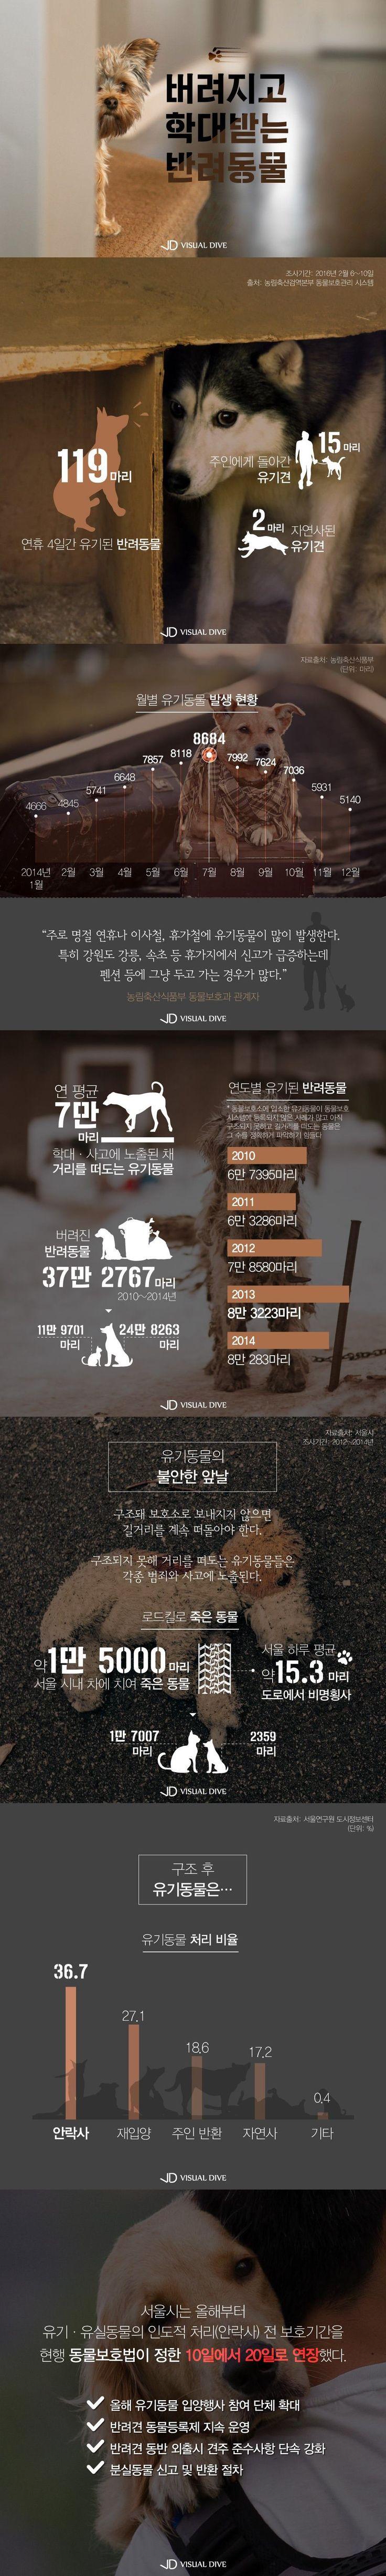 5년간 유기된 반려동물 37만 마리…보호대책 '시급' [인포그래픽] #dog / #Infographic ⓒ 비주얼다이브 무단 복사·전재·재배포 금지